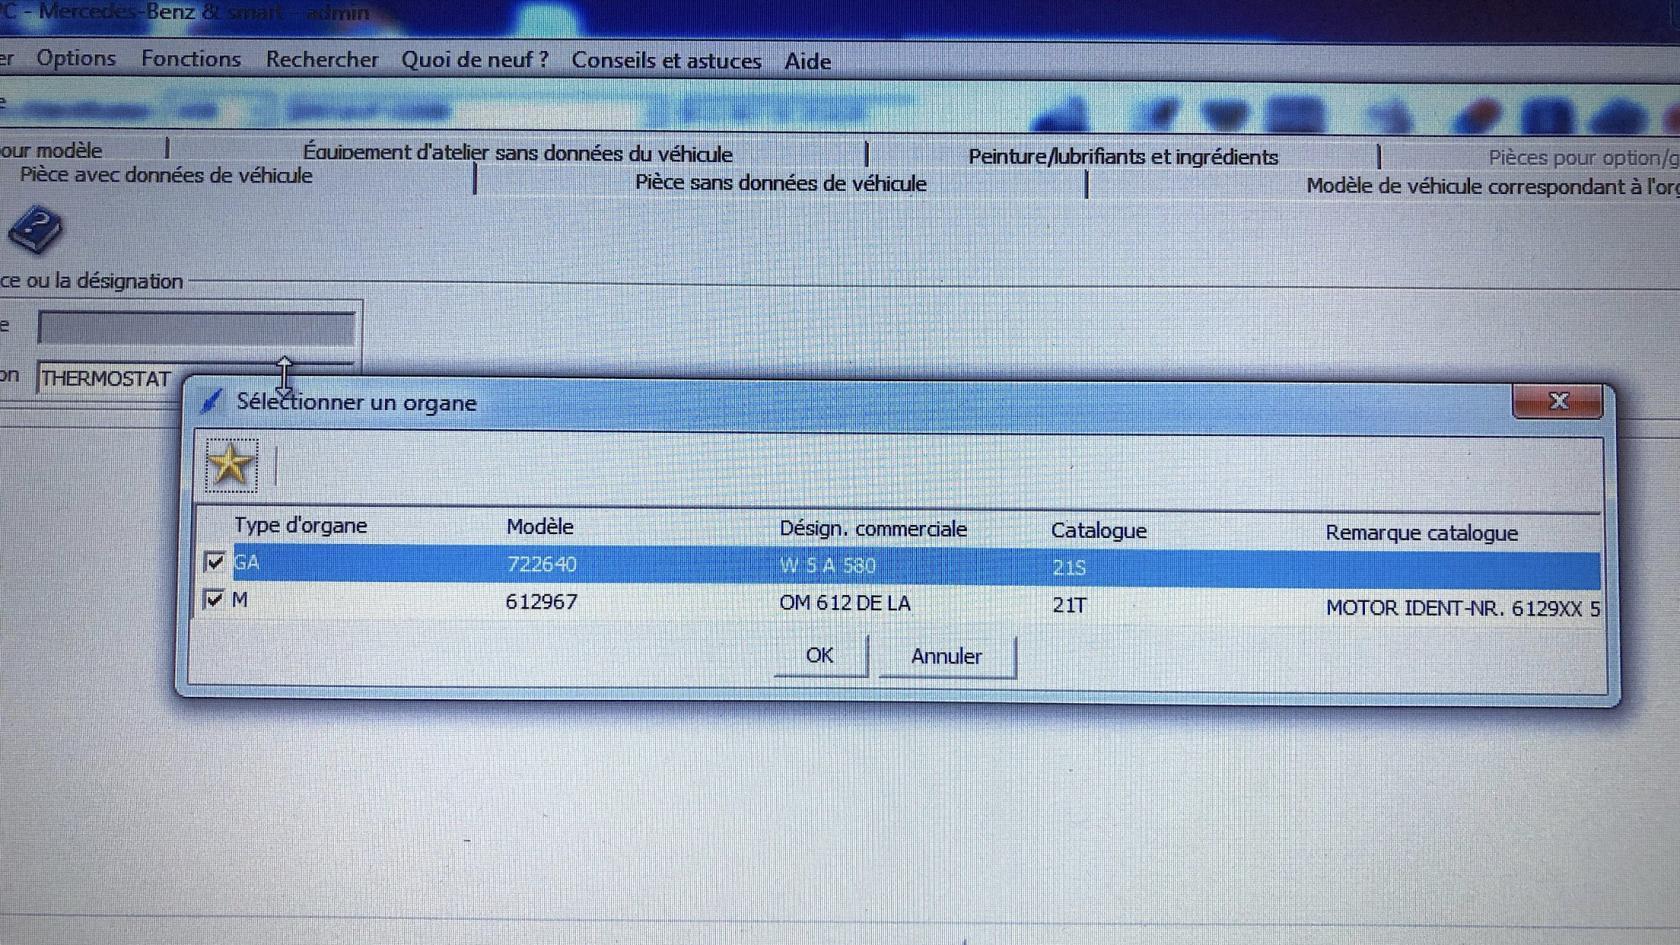 D269BEAA-842D-481E-84C2-9116538E6554.jpeg